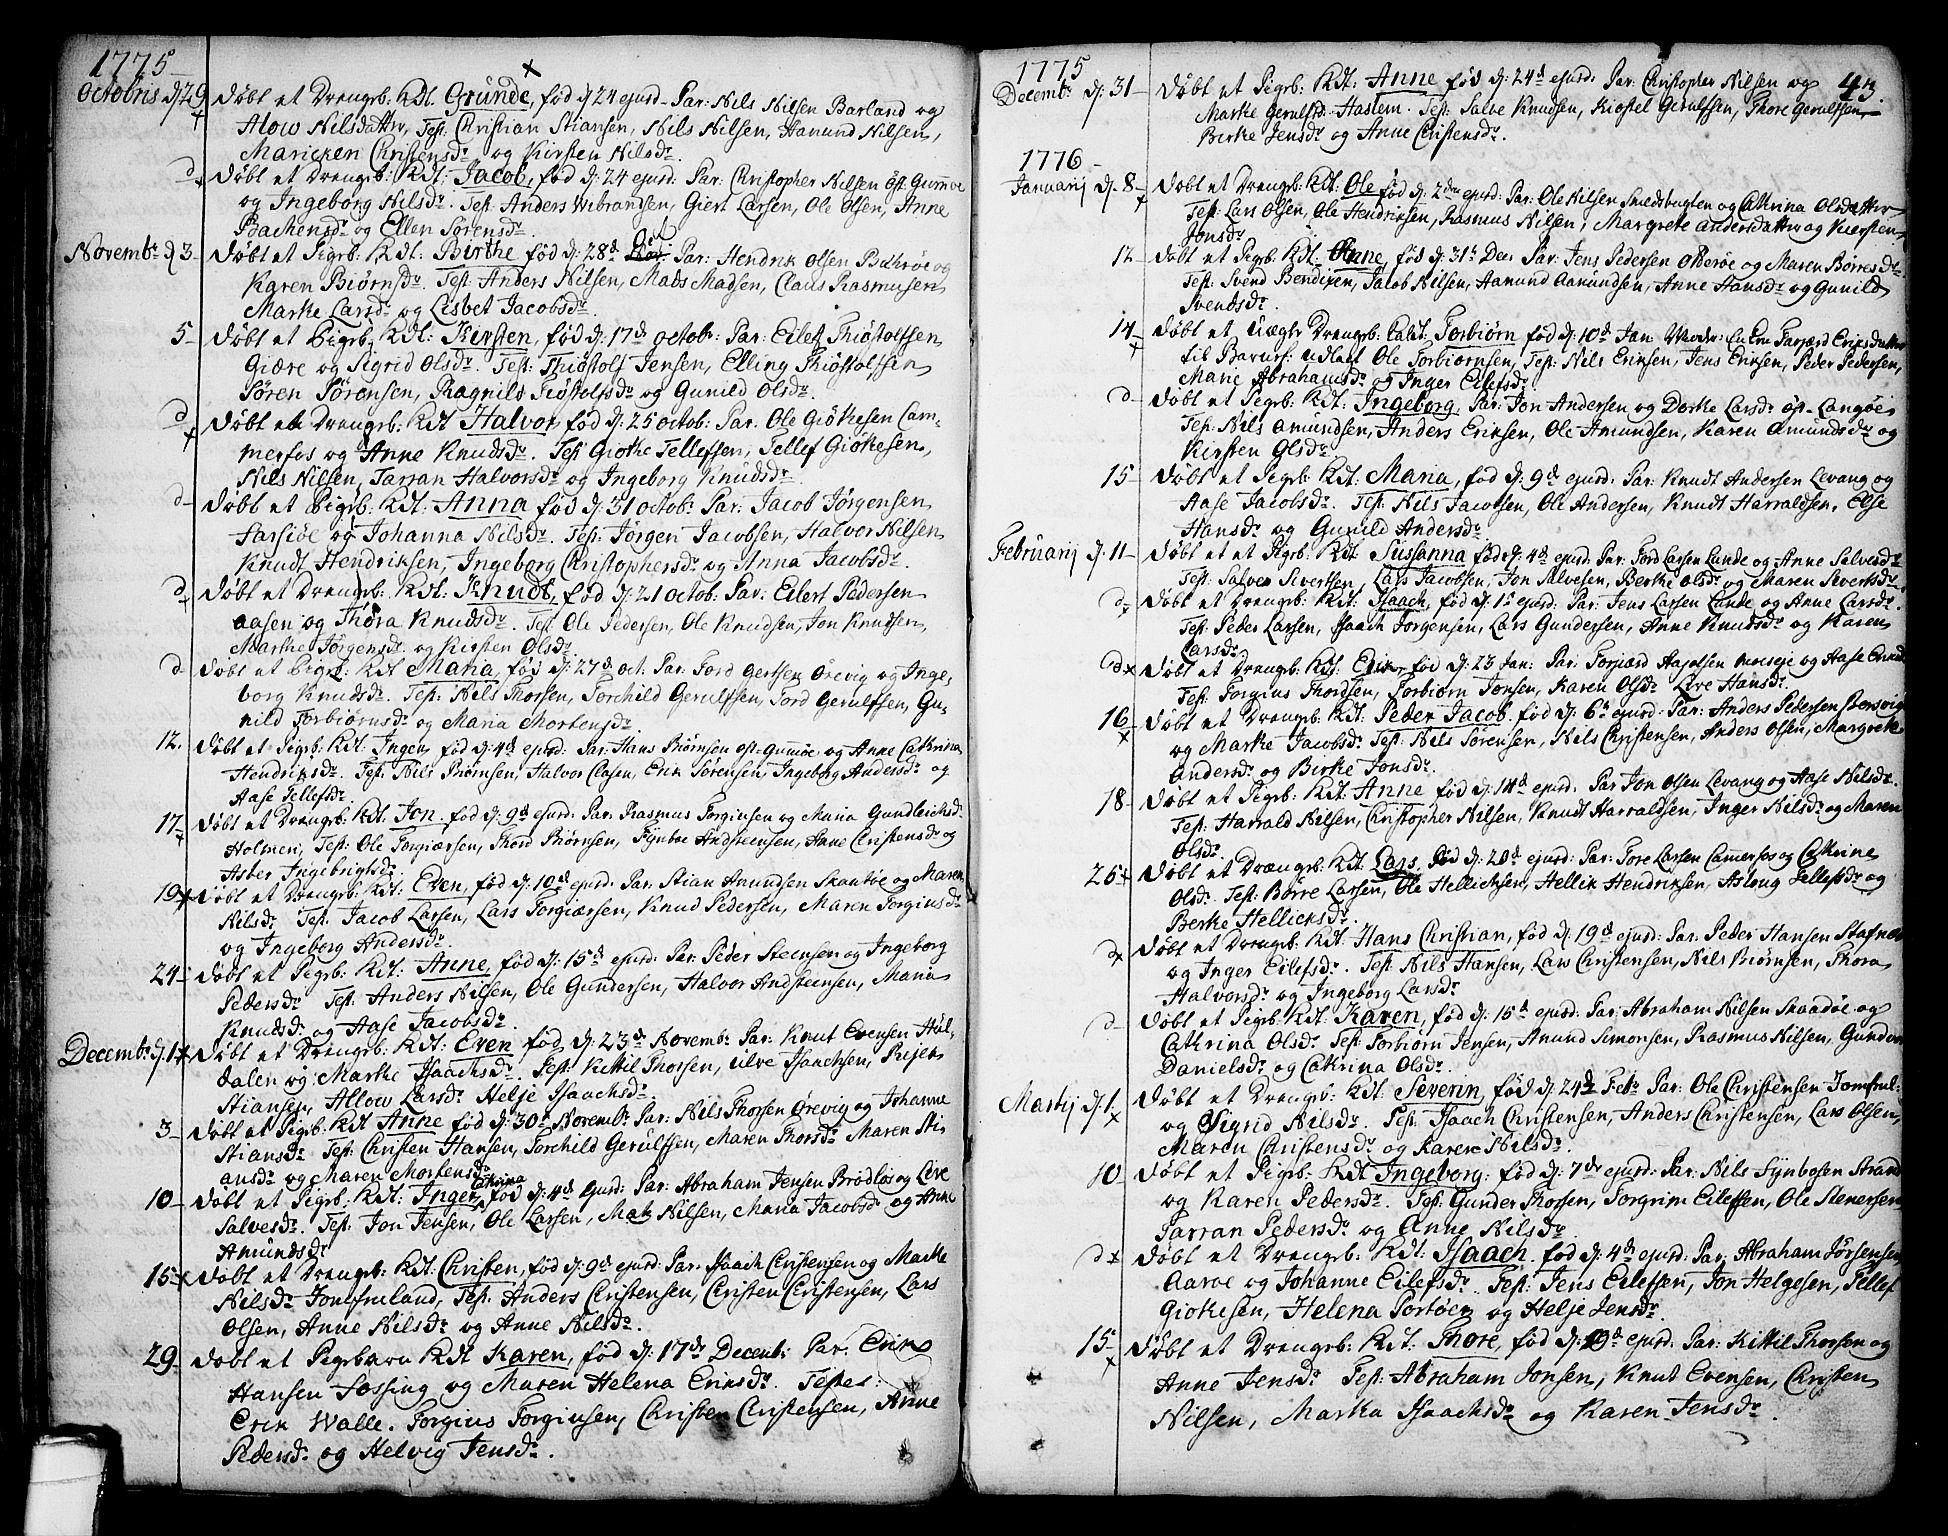 SAKO, Sannidal kirkebøker, F/Fa/L0002: Ministerialbok nr. 2, 1767-1802, s. 43